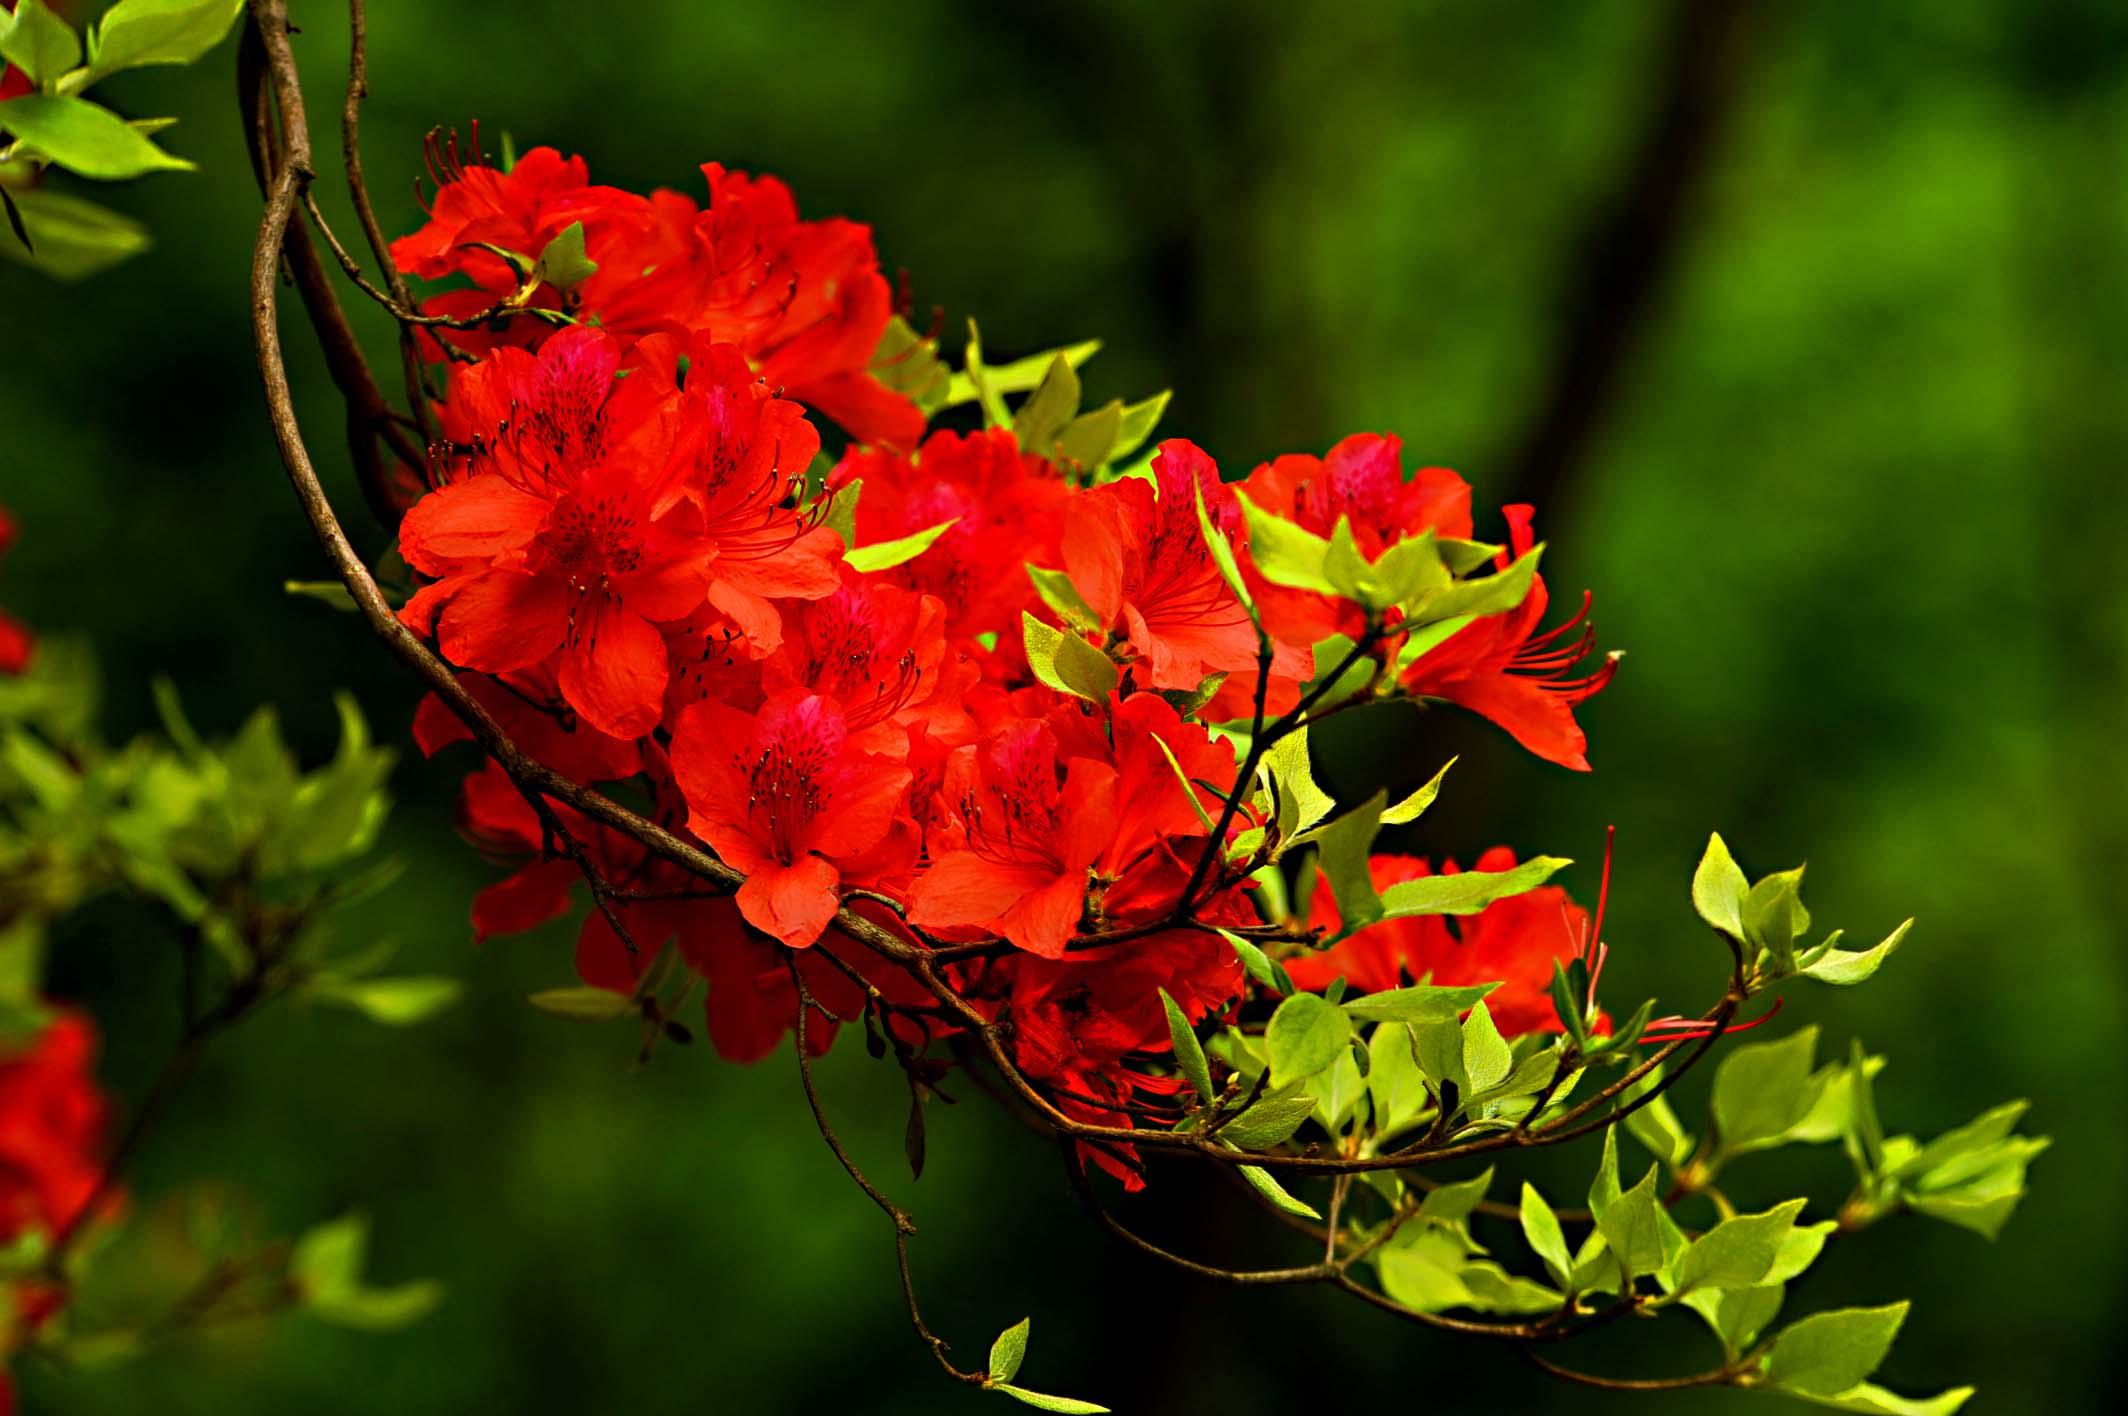 镇平北顶五朵山杜鹃花开红艳艳,在春天里等你.